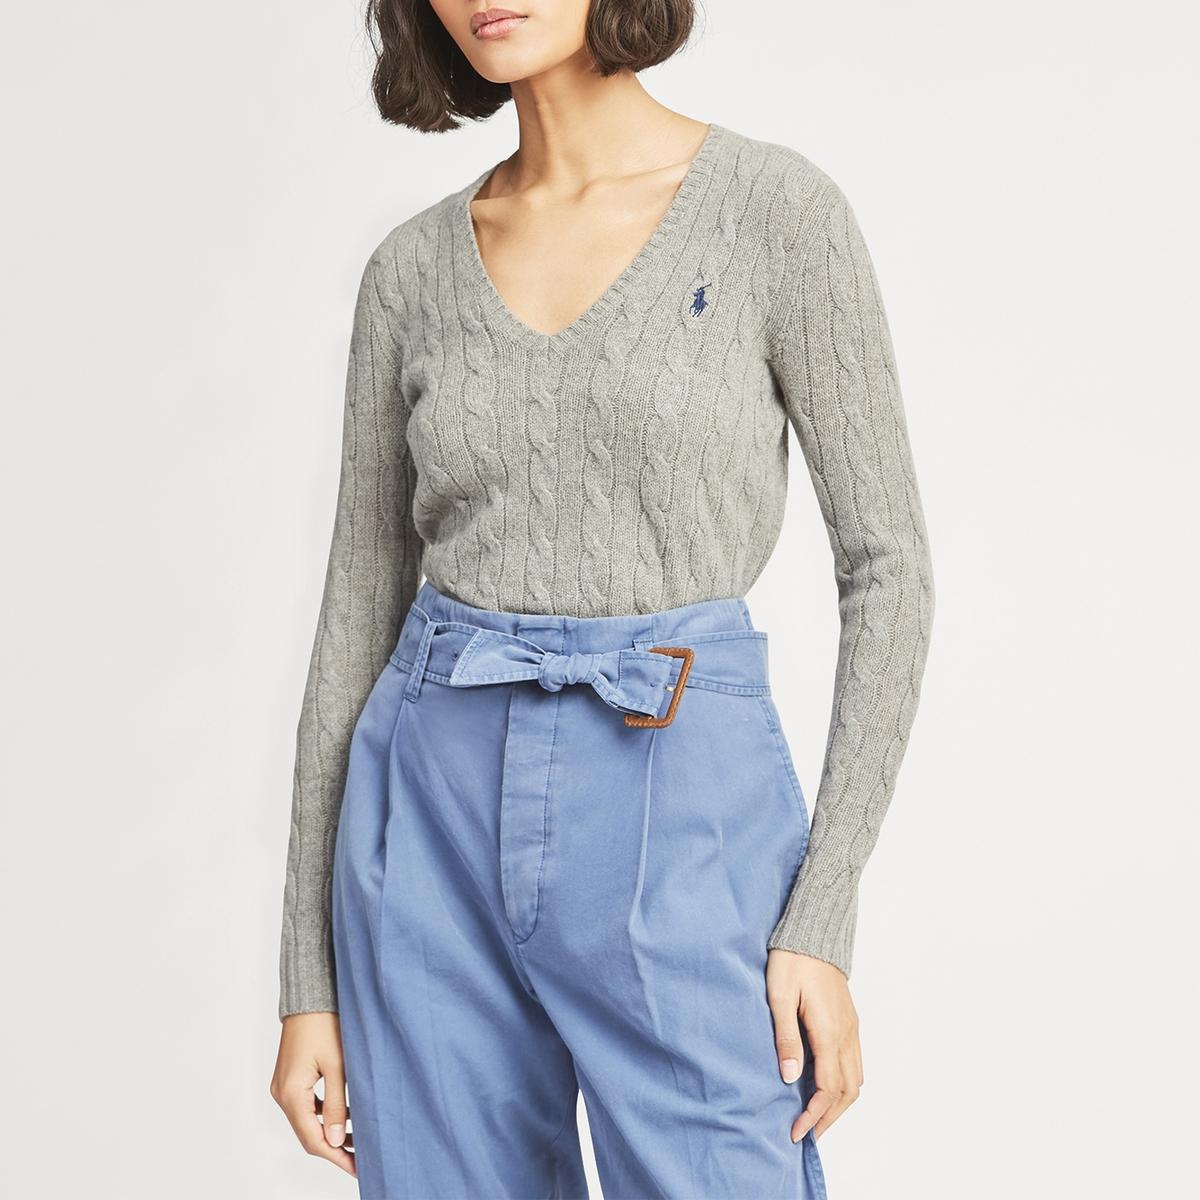 Пуловер La Redoute С v-образным вырезом из витого трикотажа L серый ic men коричневый пуловер из кашемира